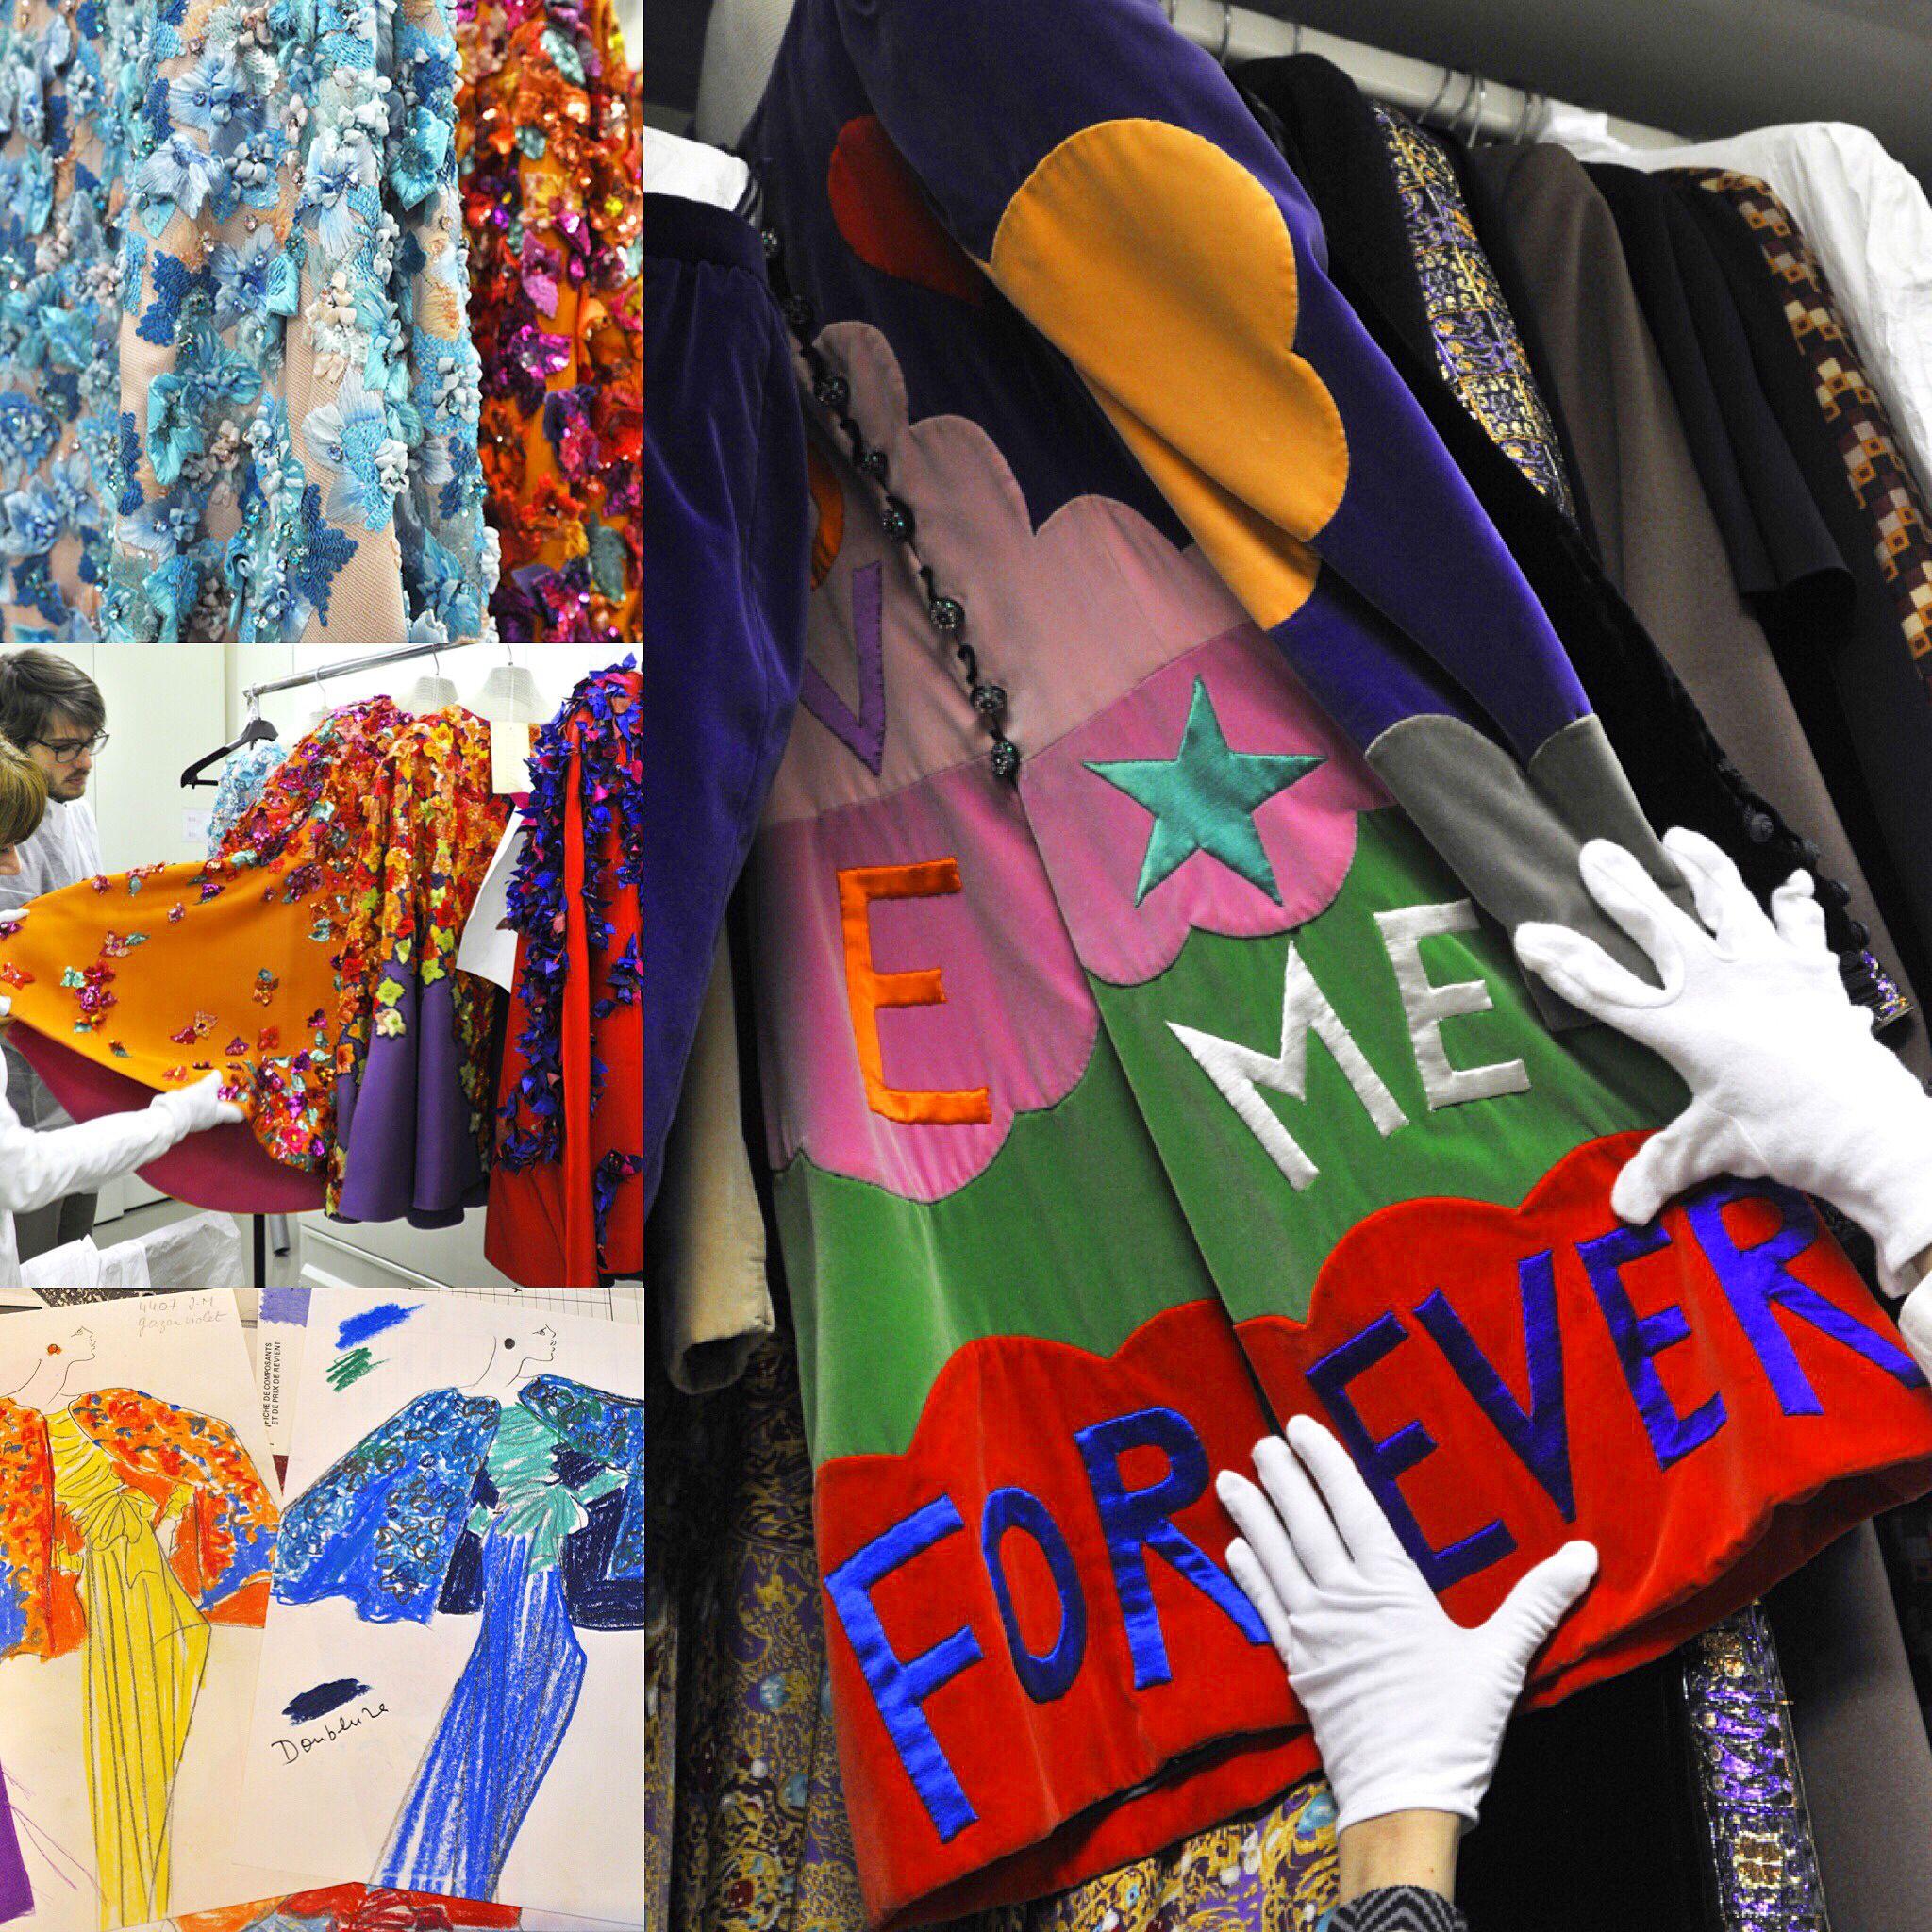 23598079191 Inside Yves Saint Laurent's Studio, Archives #paris #5 Avenue Marceau  #couturier's desk #signature eyeglasses #Moujik #pierreberge # yvessaintlaurent #ysl ...